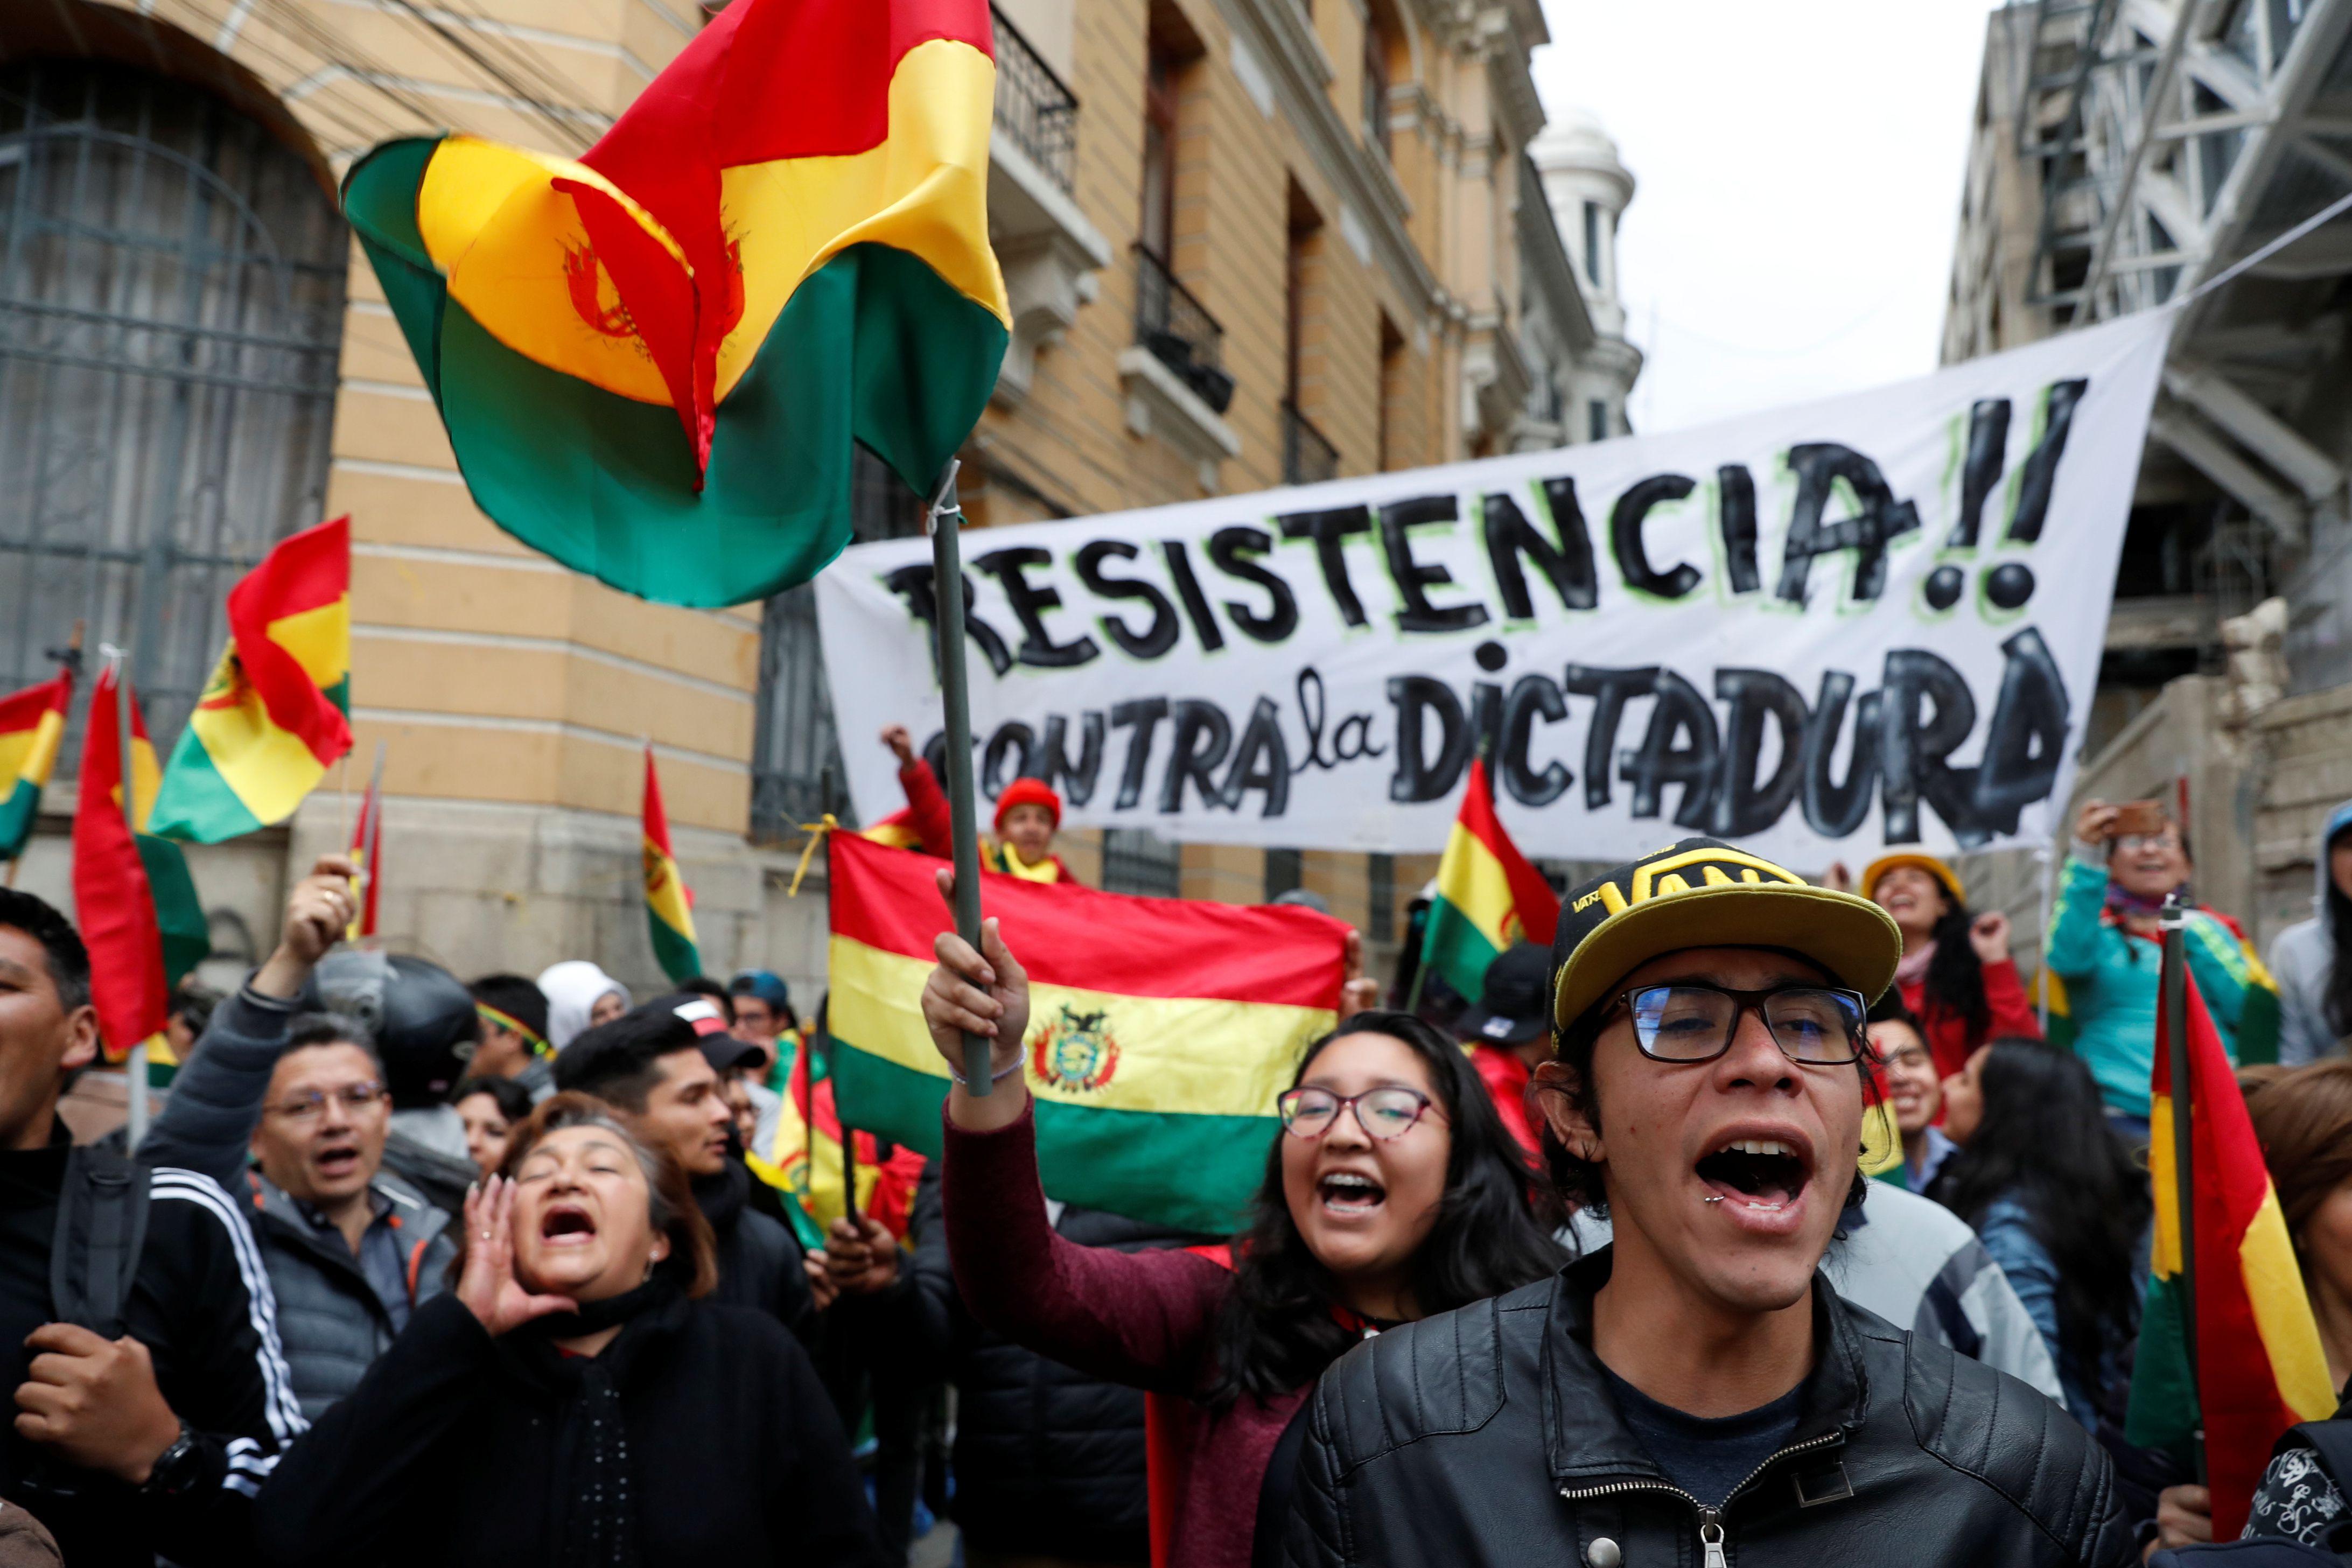 Manifestaciones en La Paz en contra de Evo Morales. (REUTERS/Carlos Garcia Rawlins)